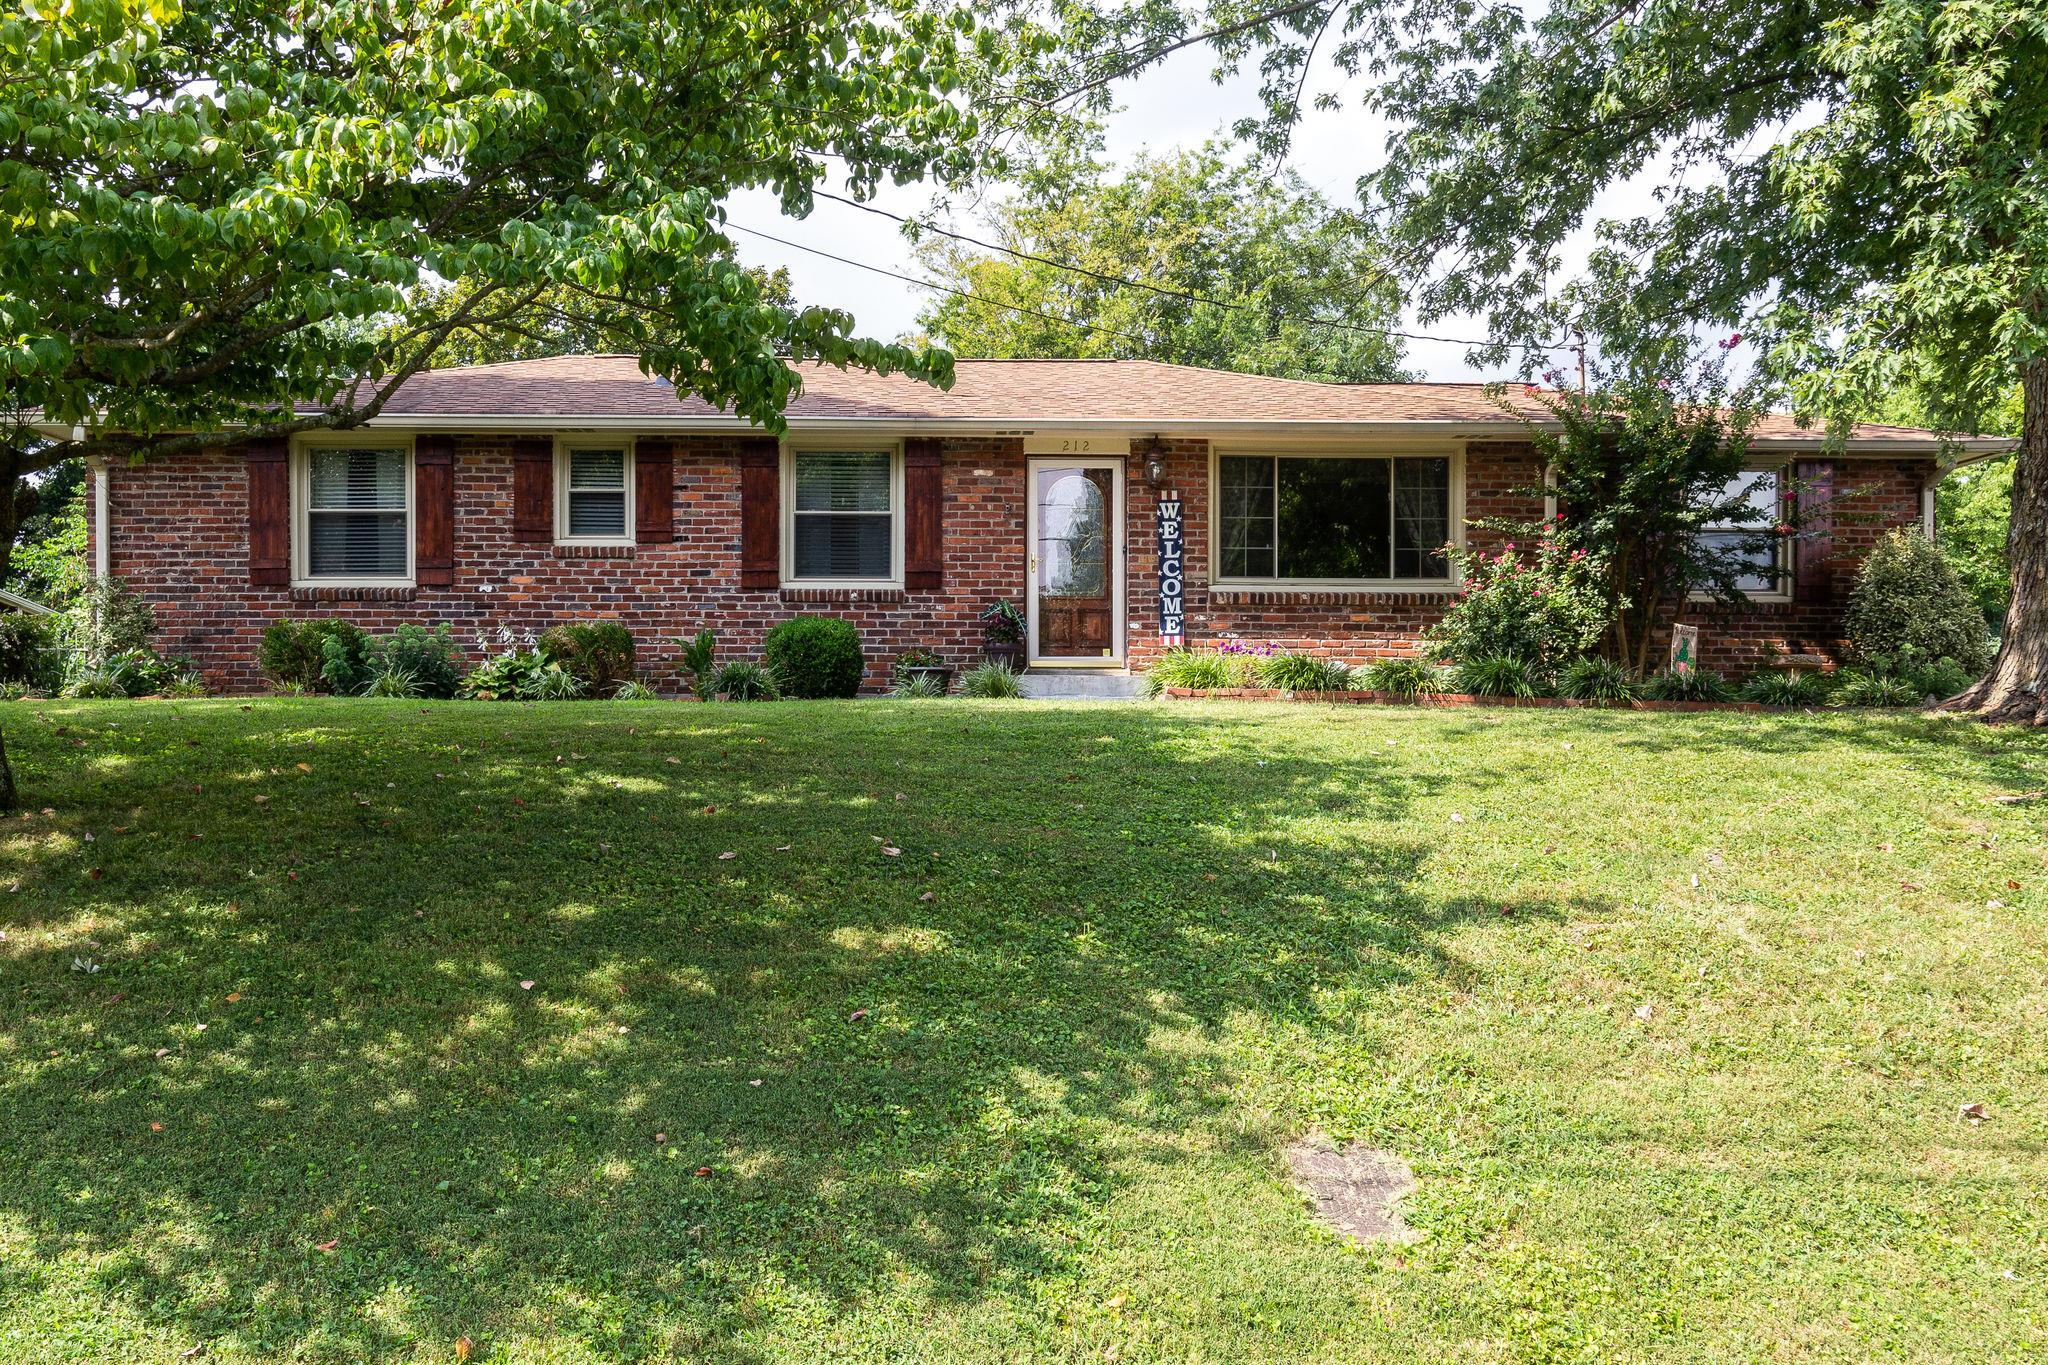 212 Bonnaoaks Dr, Hermitage, TN 37076 - Hermitage, TN real estate listing